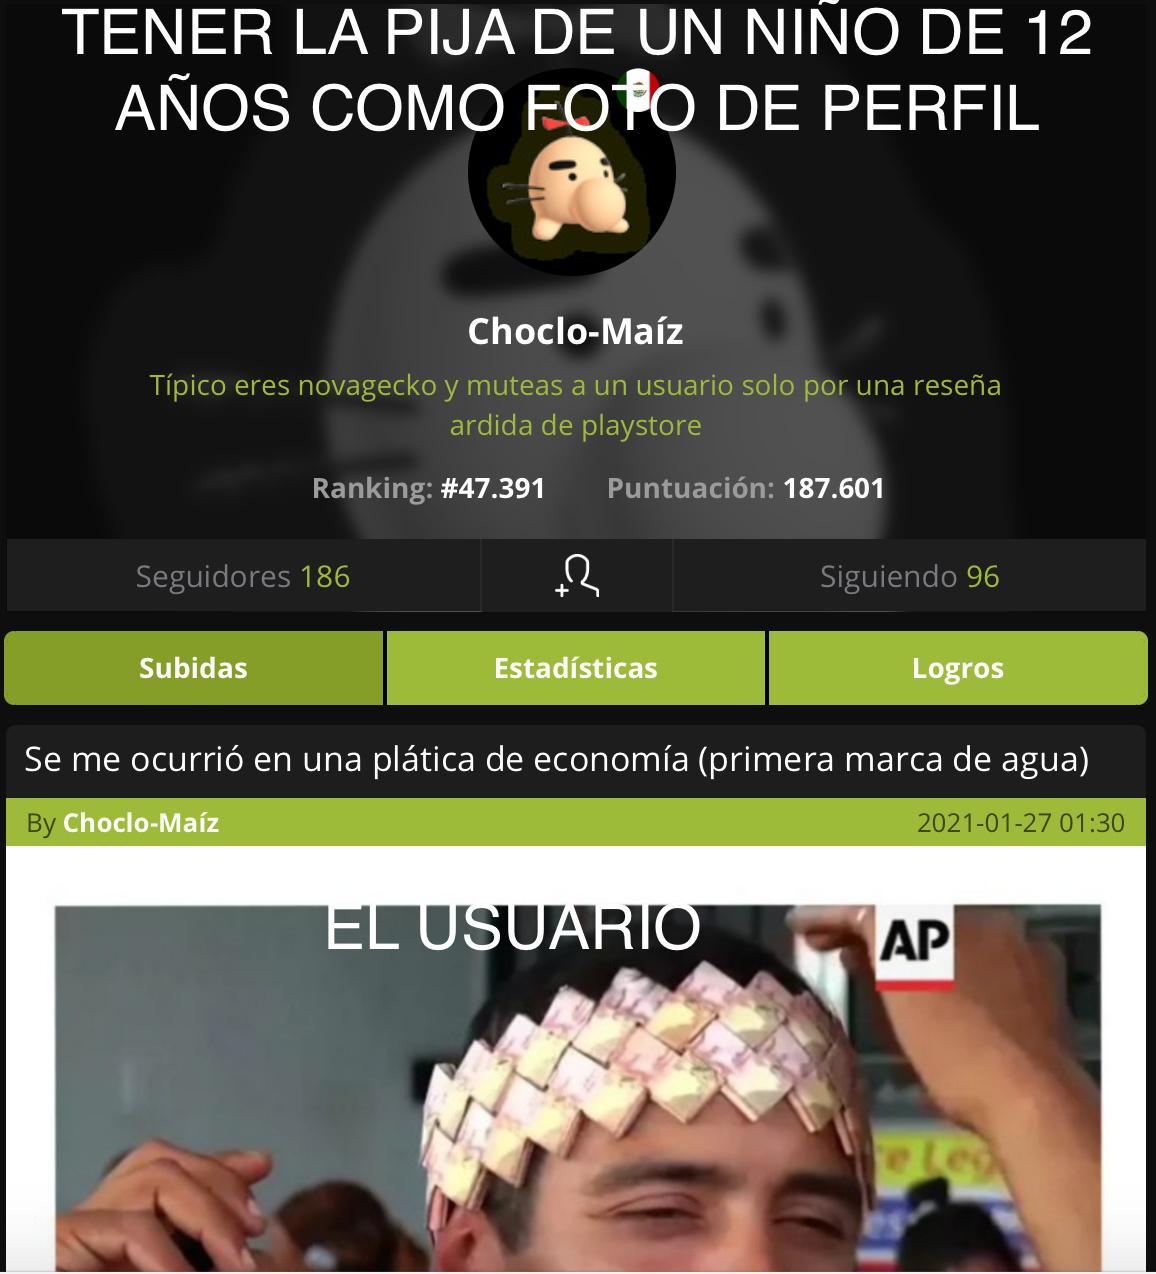 CHOCLO-MAIZ - meme